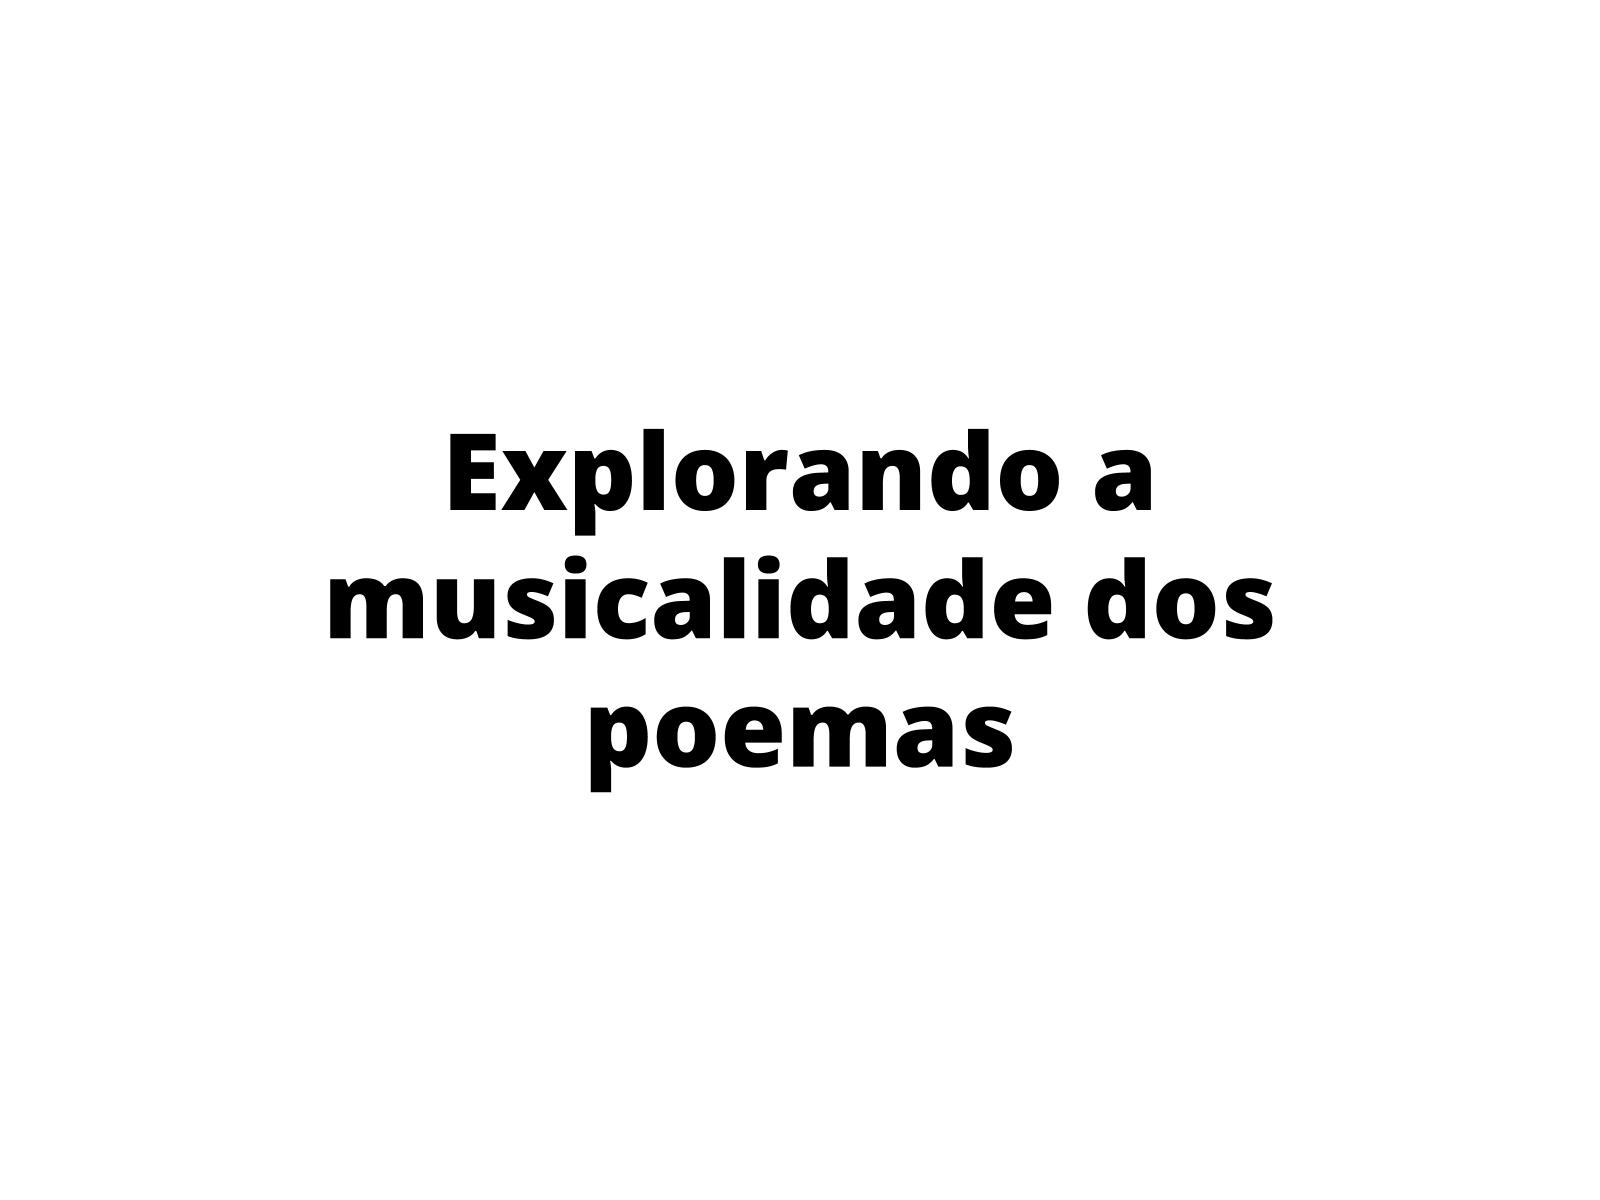 Explorando a musicalidade dos poemas